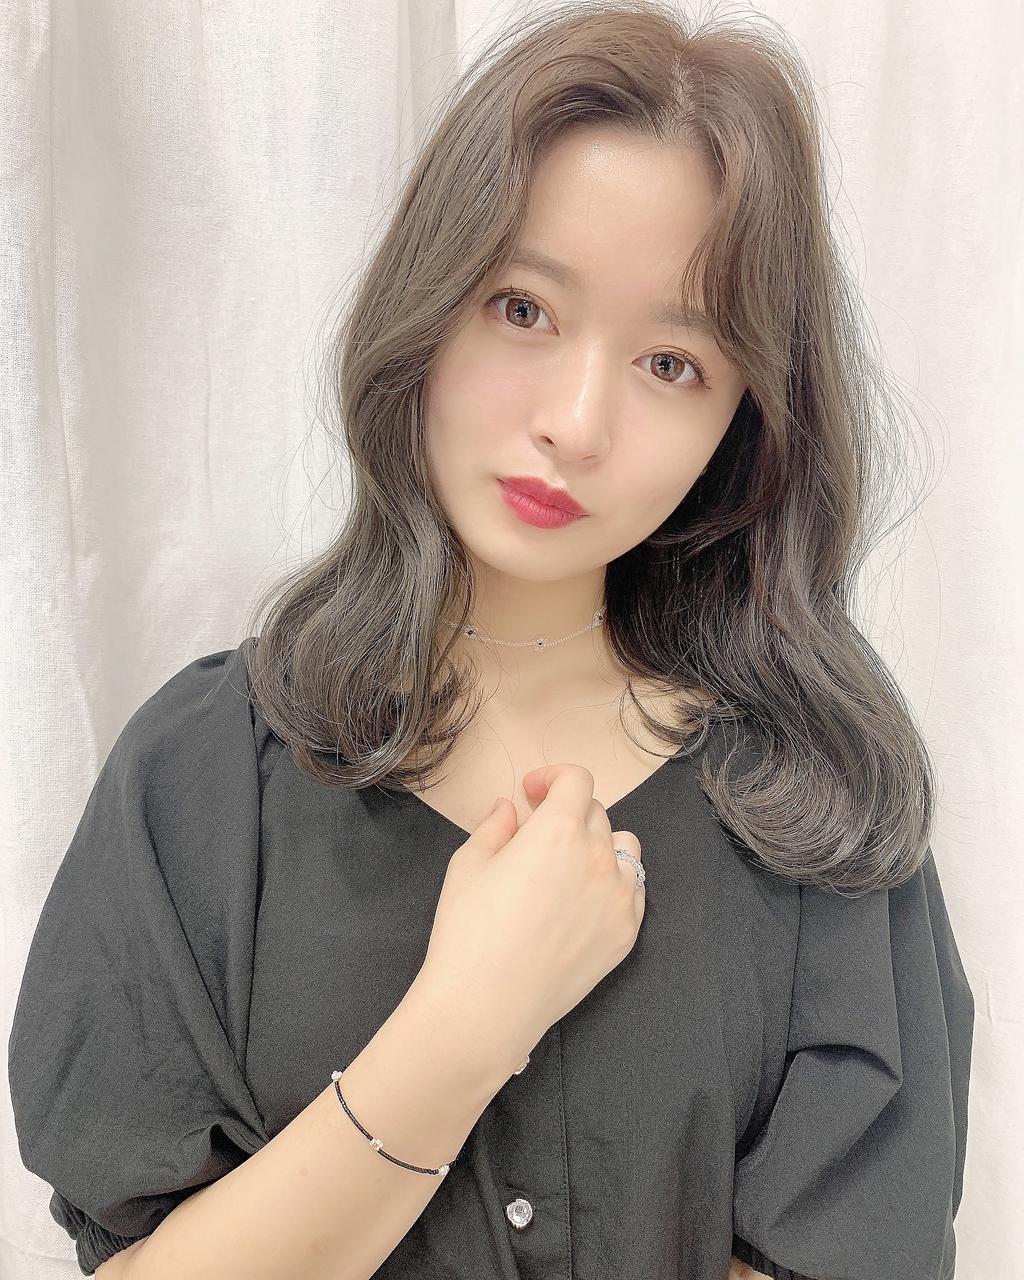 韓国の女の子の柔らかい雰囲気になりませんか?【大人気トレンドの韓国風スタイル♪】